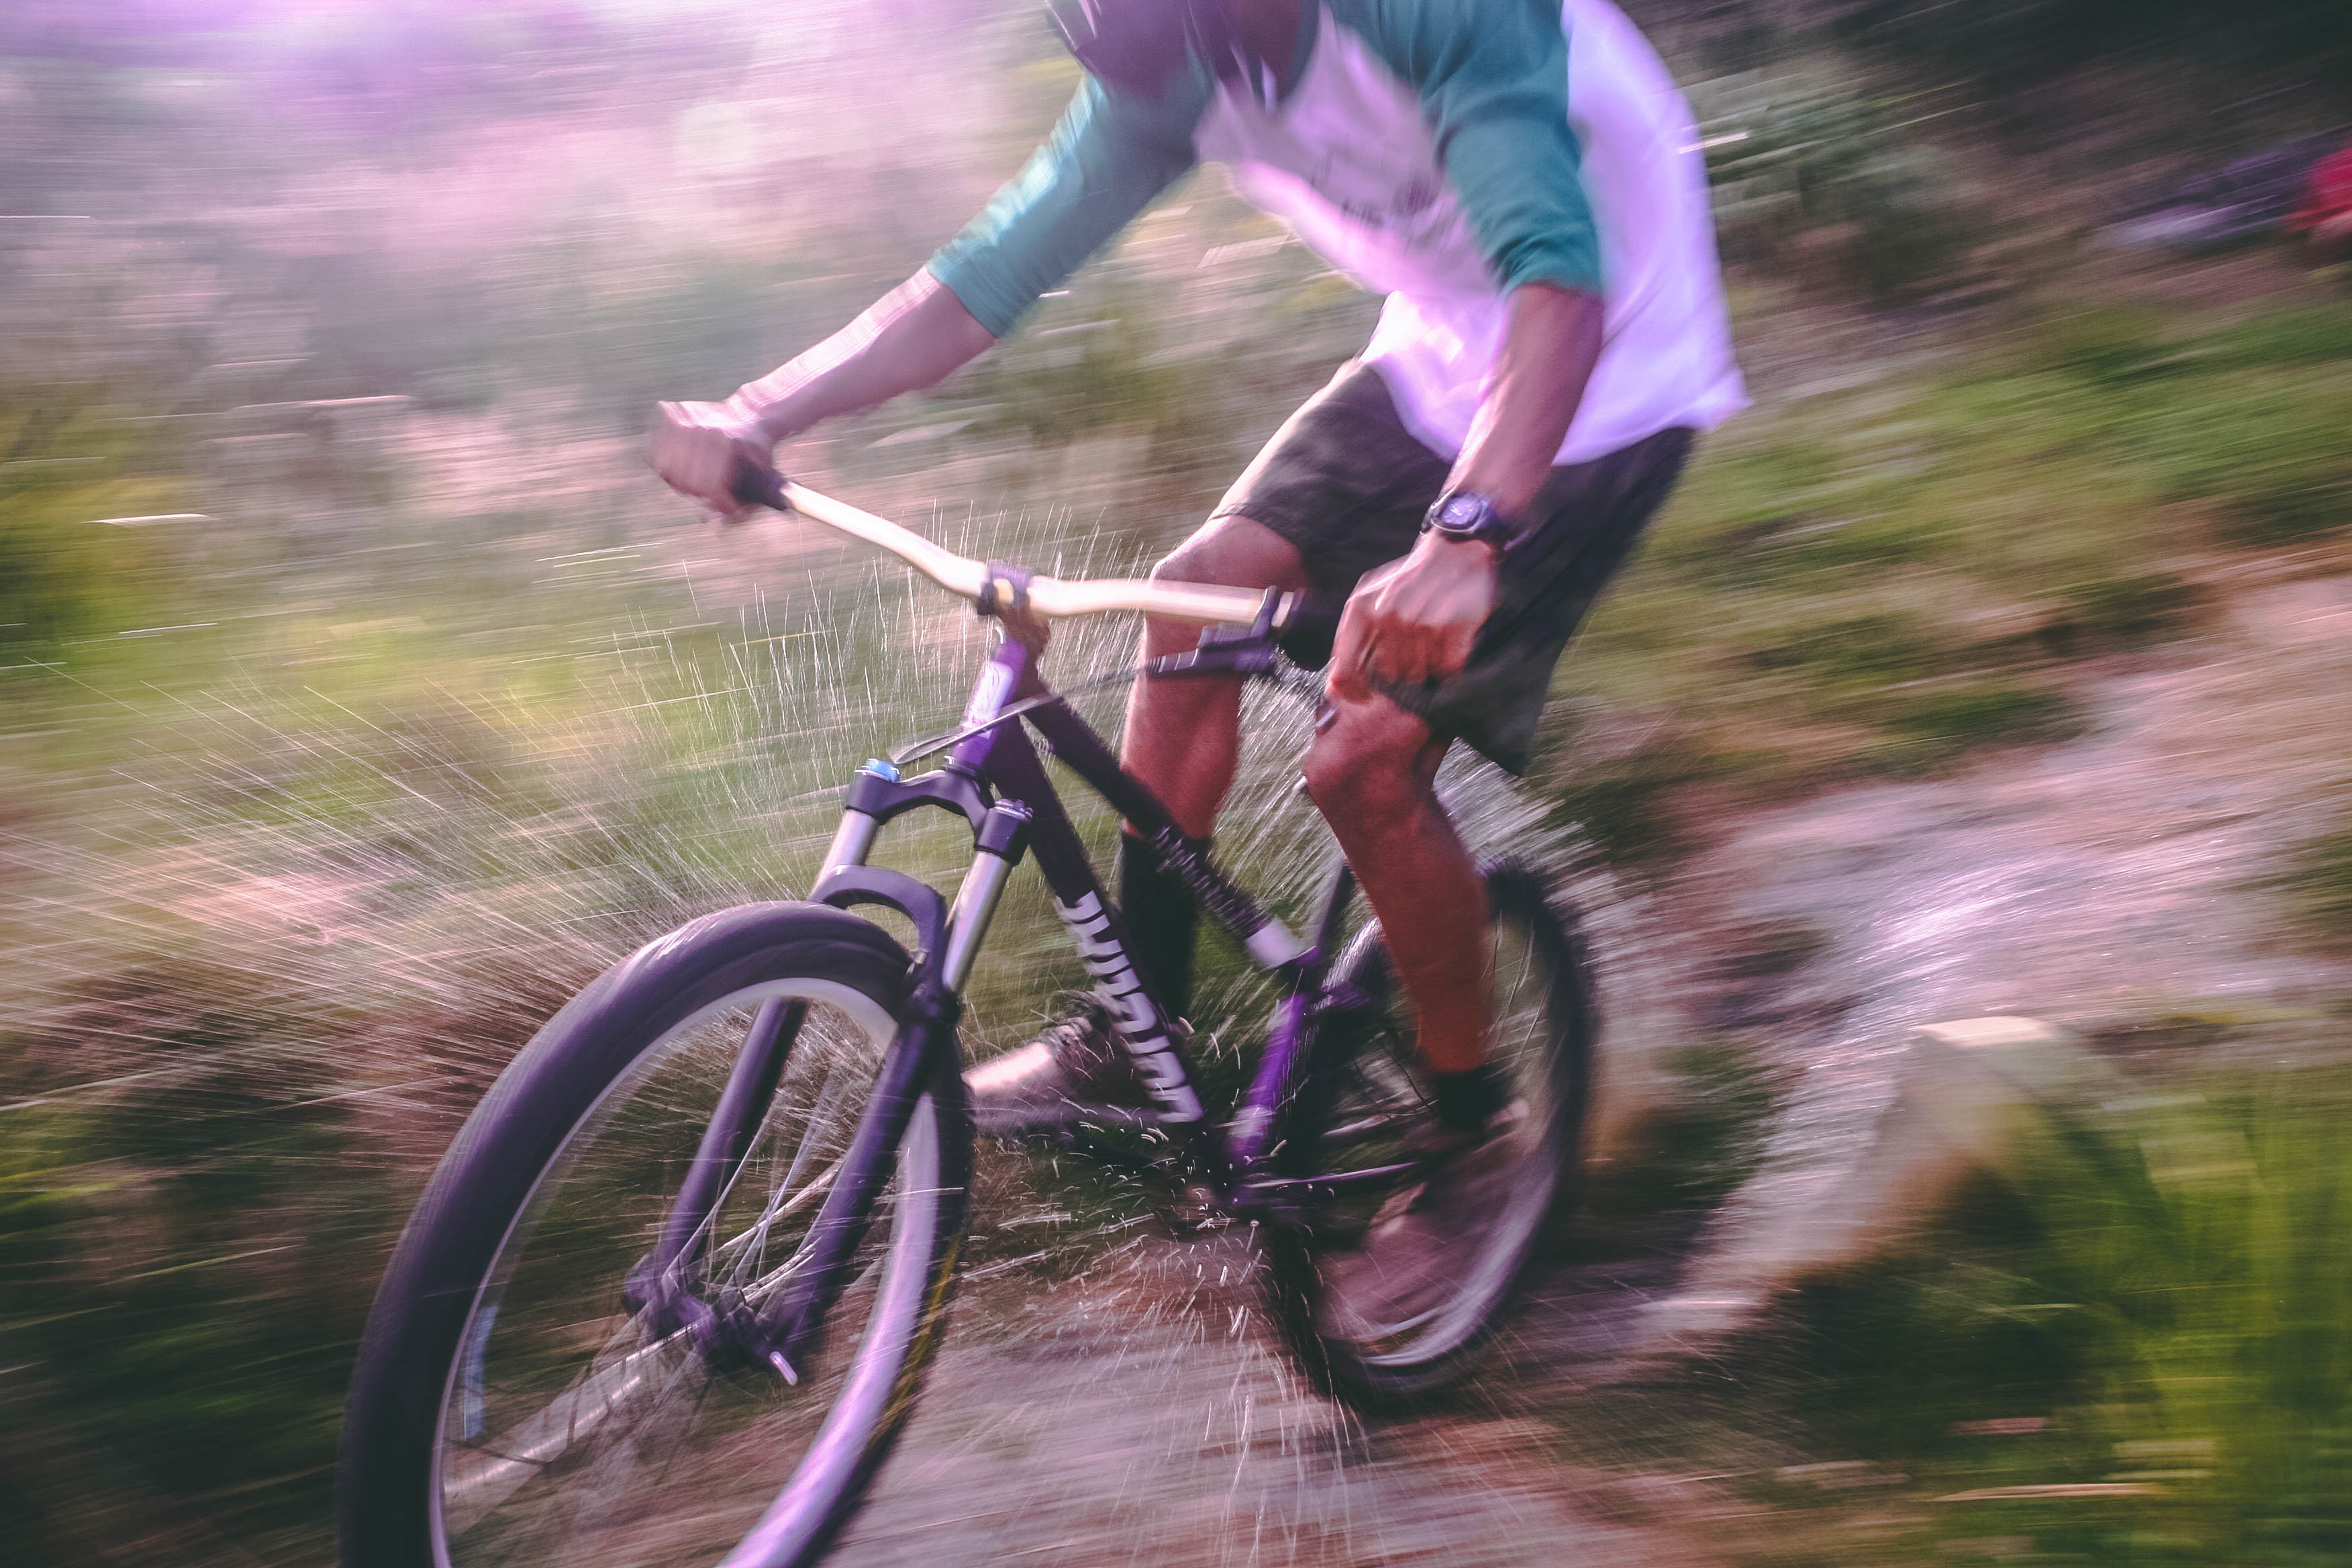 Man Riding Black and White Hardtail Mountain Bike